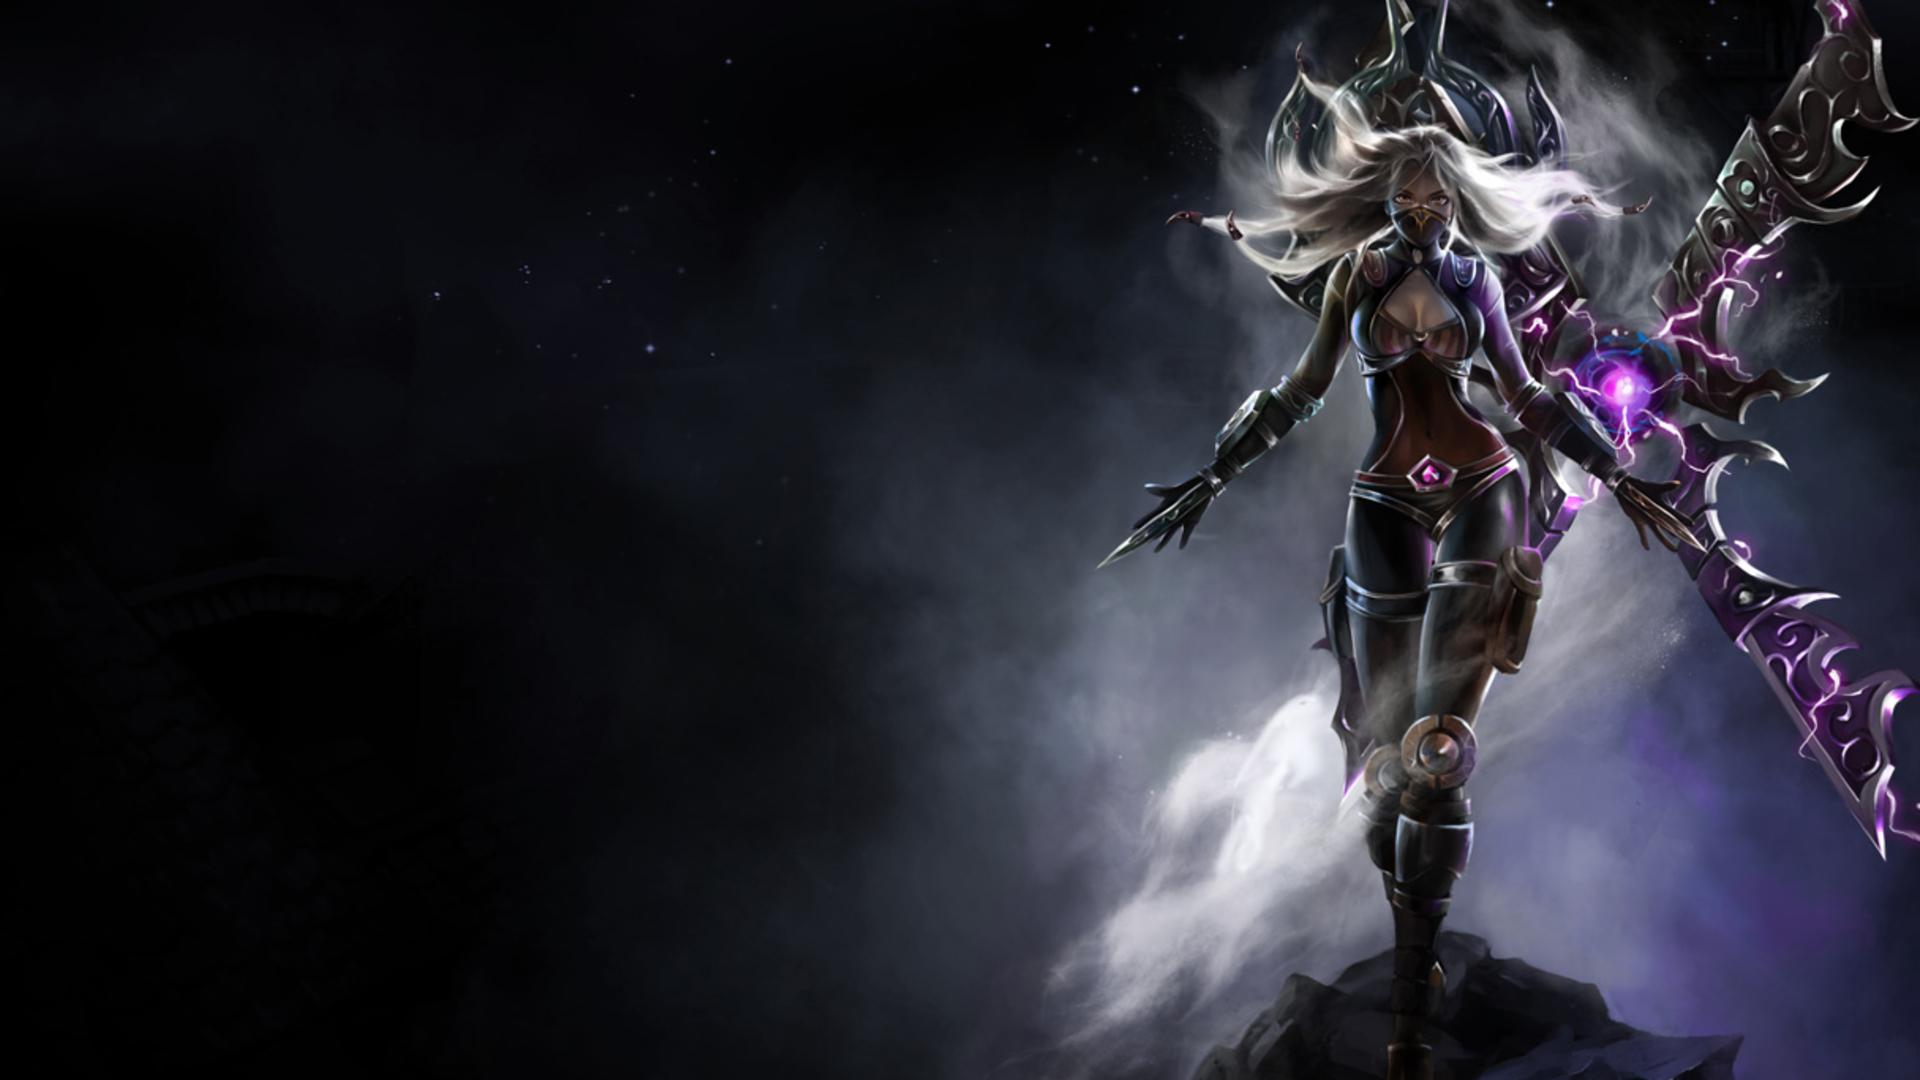 League Of Legends Wallpaper - HotWallpaperHD com